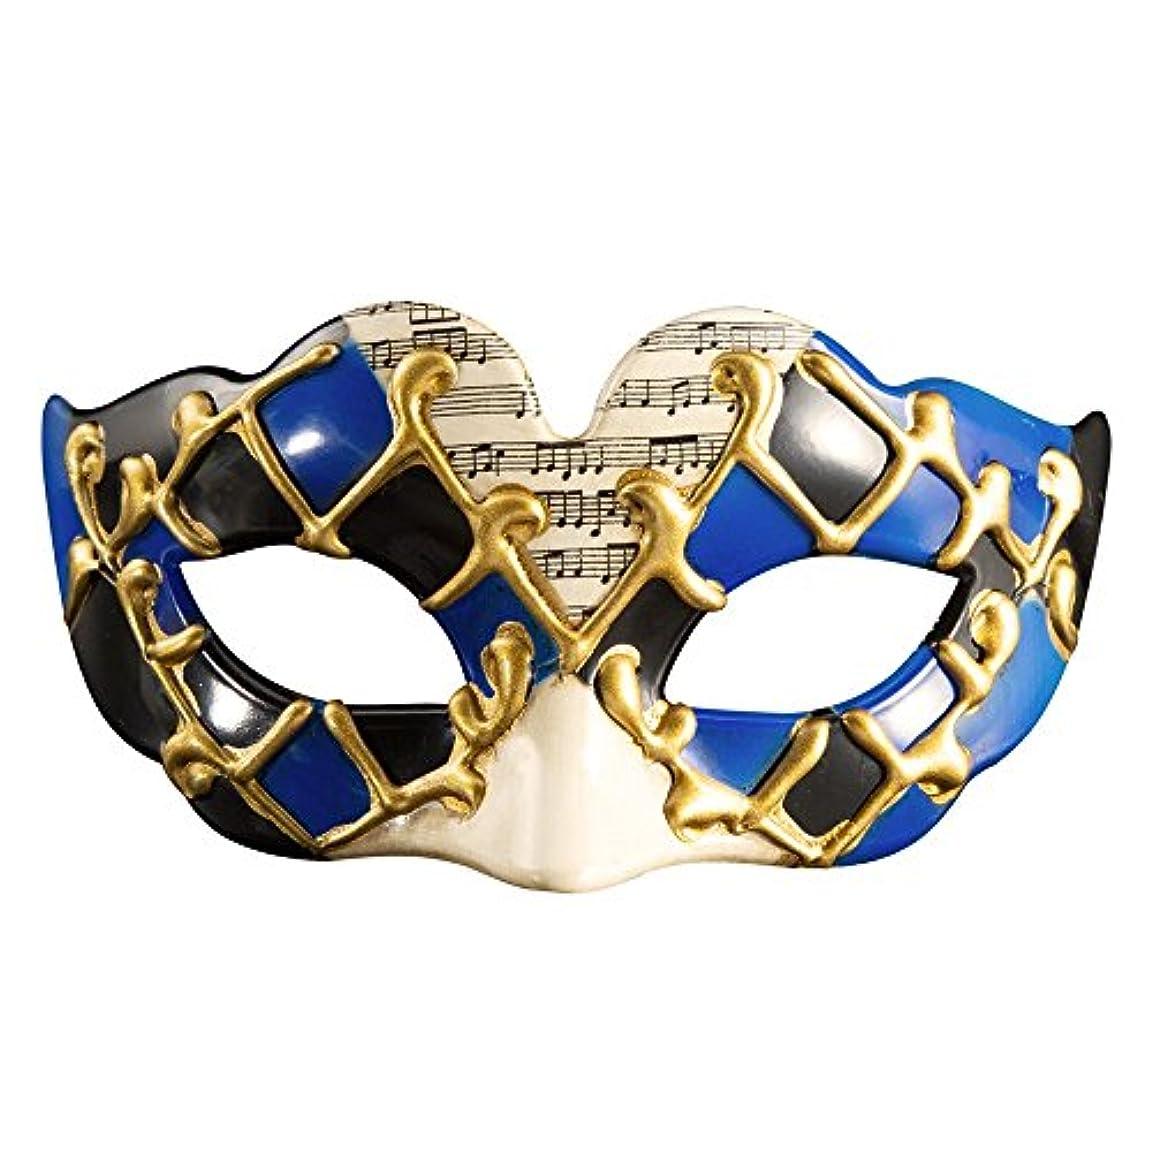 パブ動トリップクリエイティブキッズハーフフェイスハロウィンマスクパーティー新しいファンシードレスボールマスク (Color : #2)